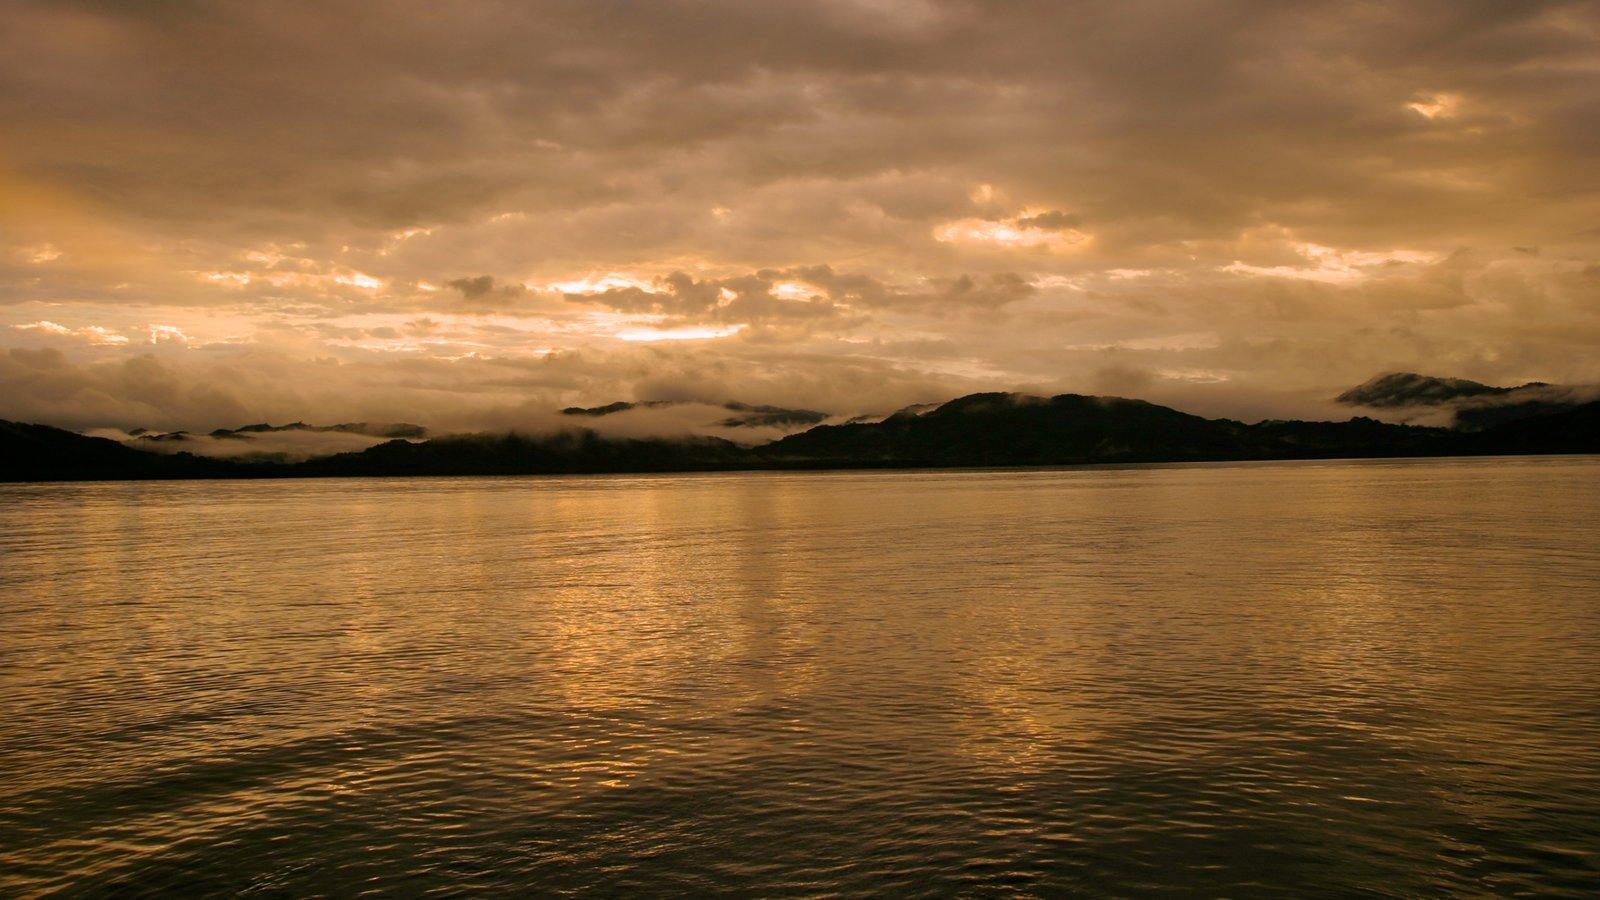 Costa Rica ofreciendo una puesta de sol, vistas generales de la costa y vistas de paisajes